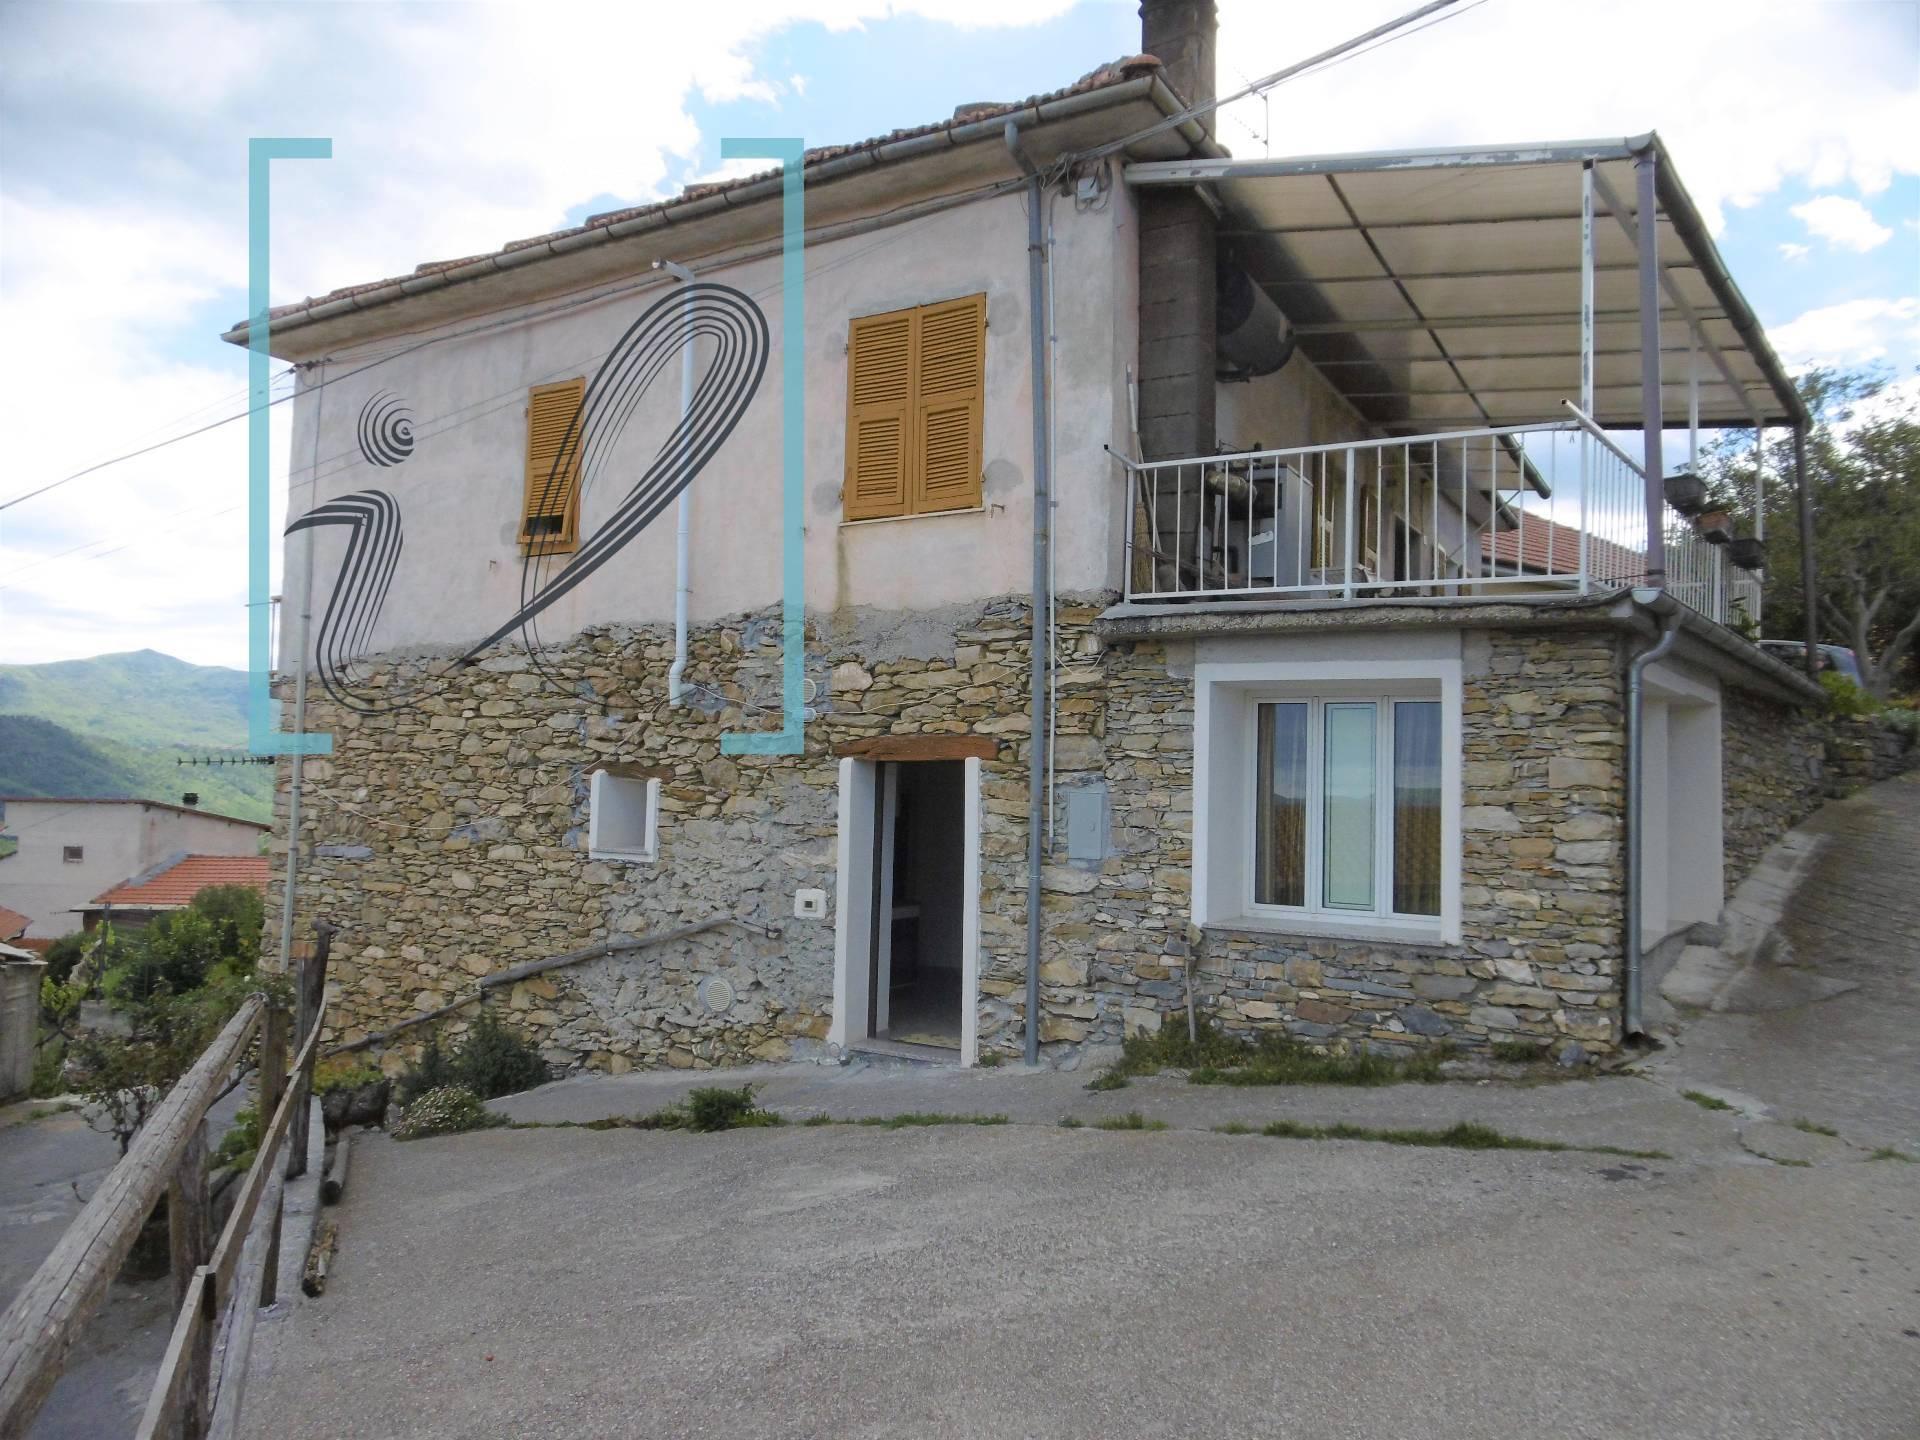 Appartamento in vendita a Casanova Lerrone, 3 locali, zona Zona: Maromoreo, prezzo € 48.000   CambioCasa.it